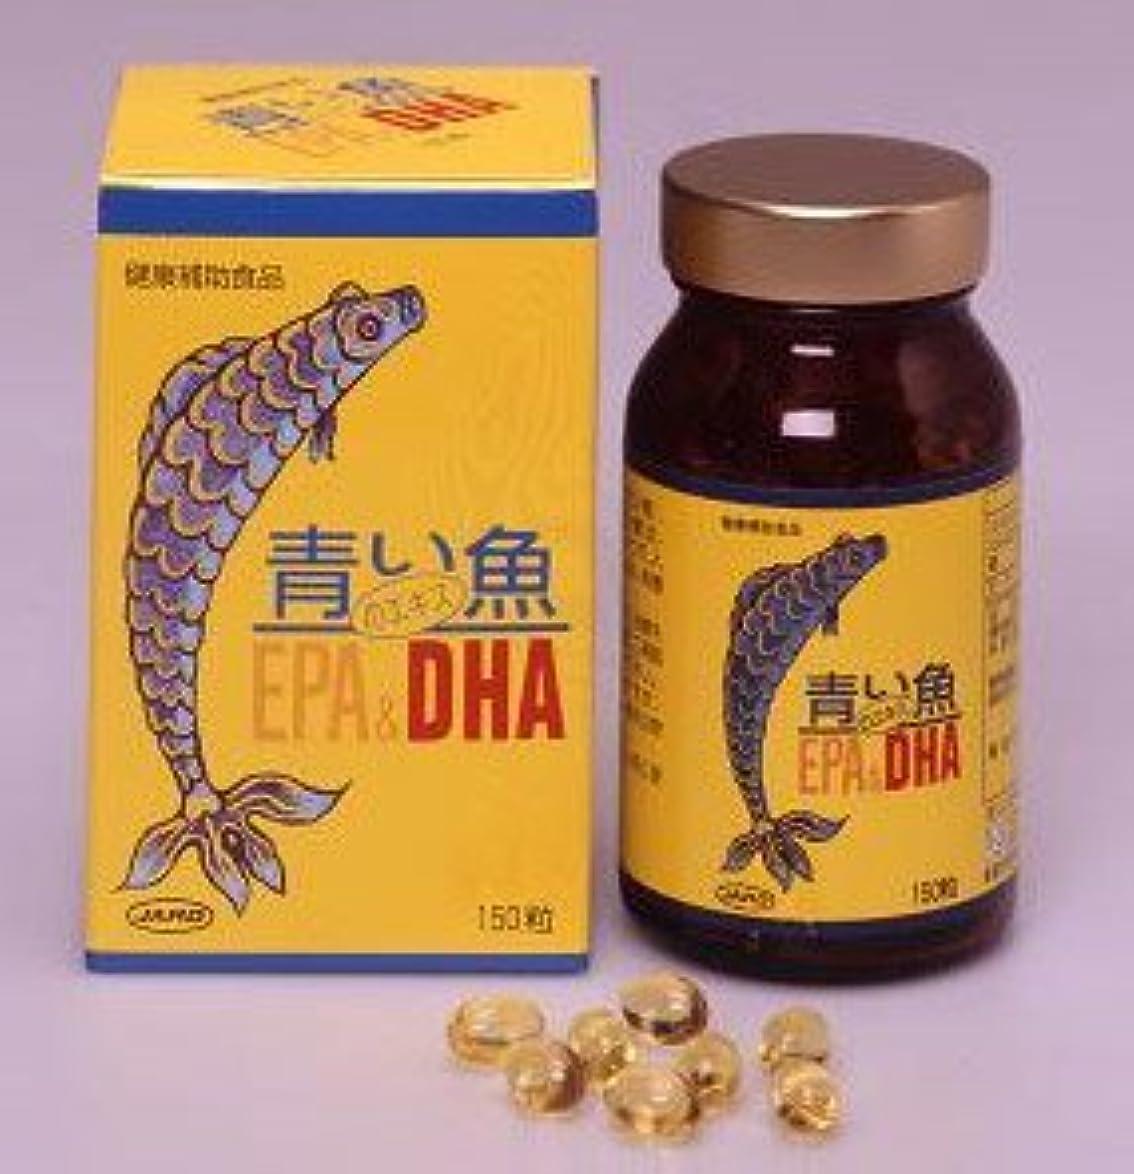 長椅子タフ寓話青い魚のエキスEPA&DHA(単品)ジャード